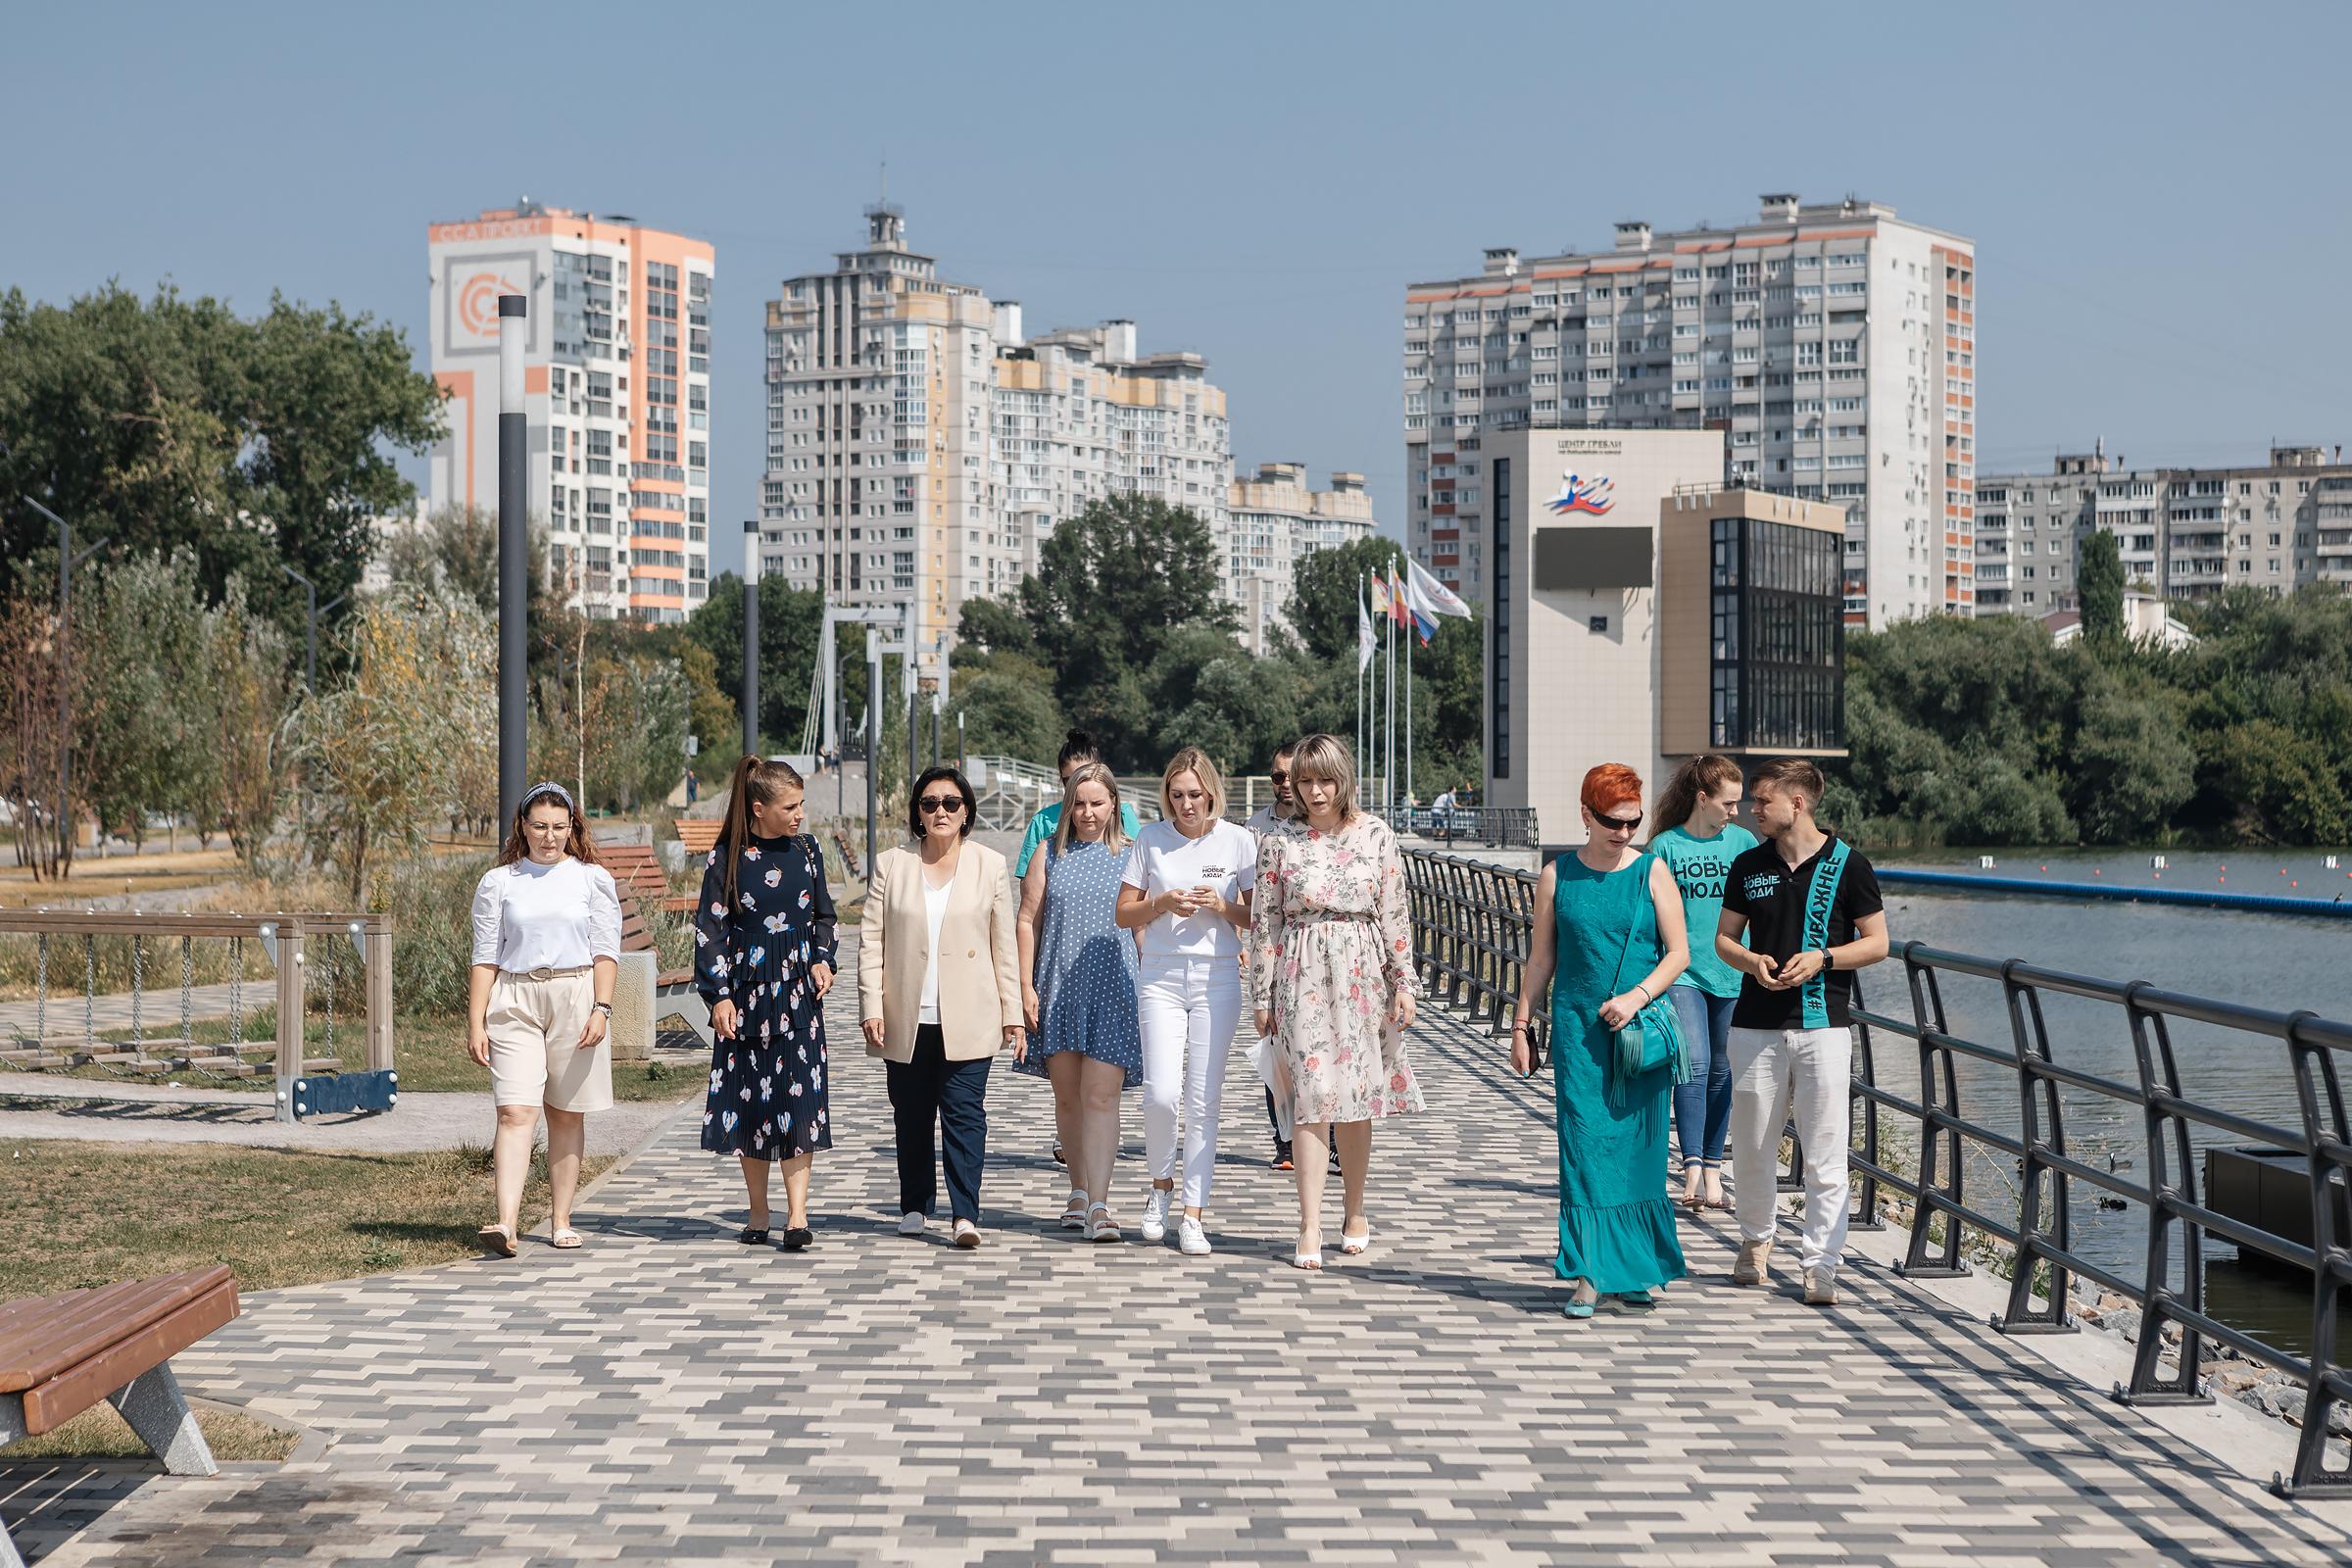 Сардана Авксентьева и Юлия Барановская прогулялись по дамбе Чернавского моста